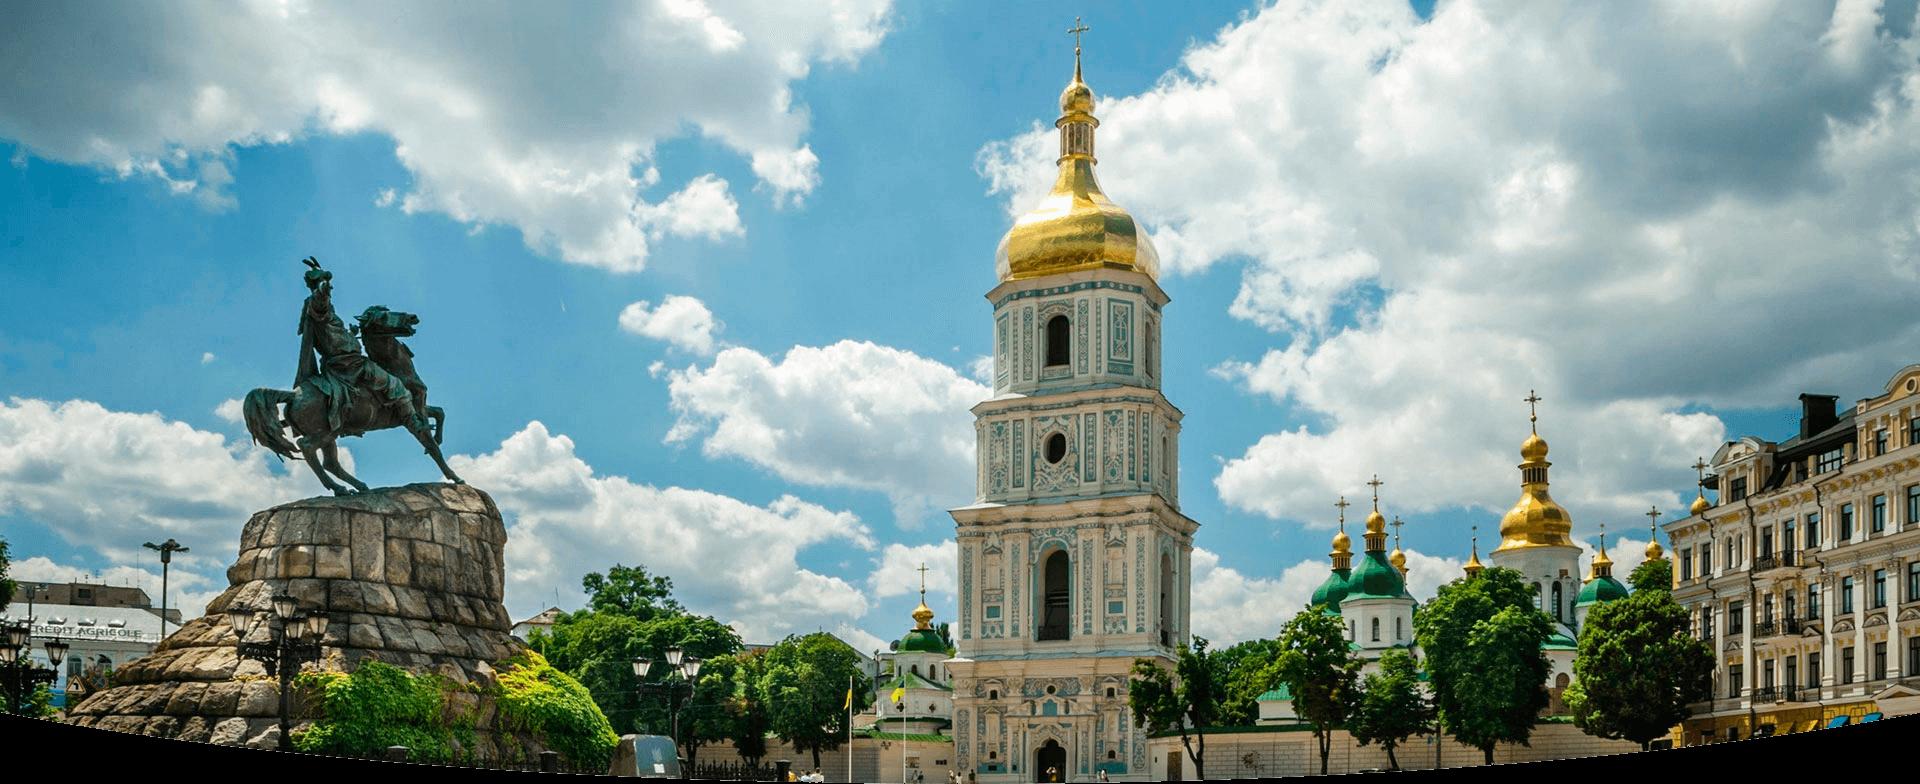 Вид на колокольню Софийского собора с Софийской площади